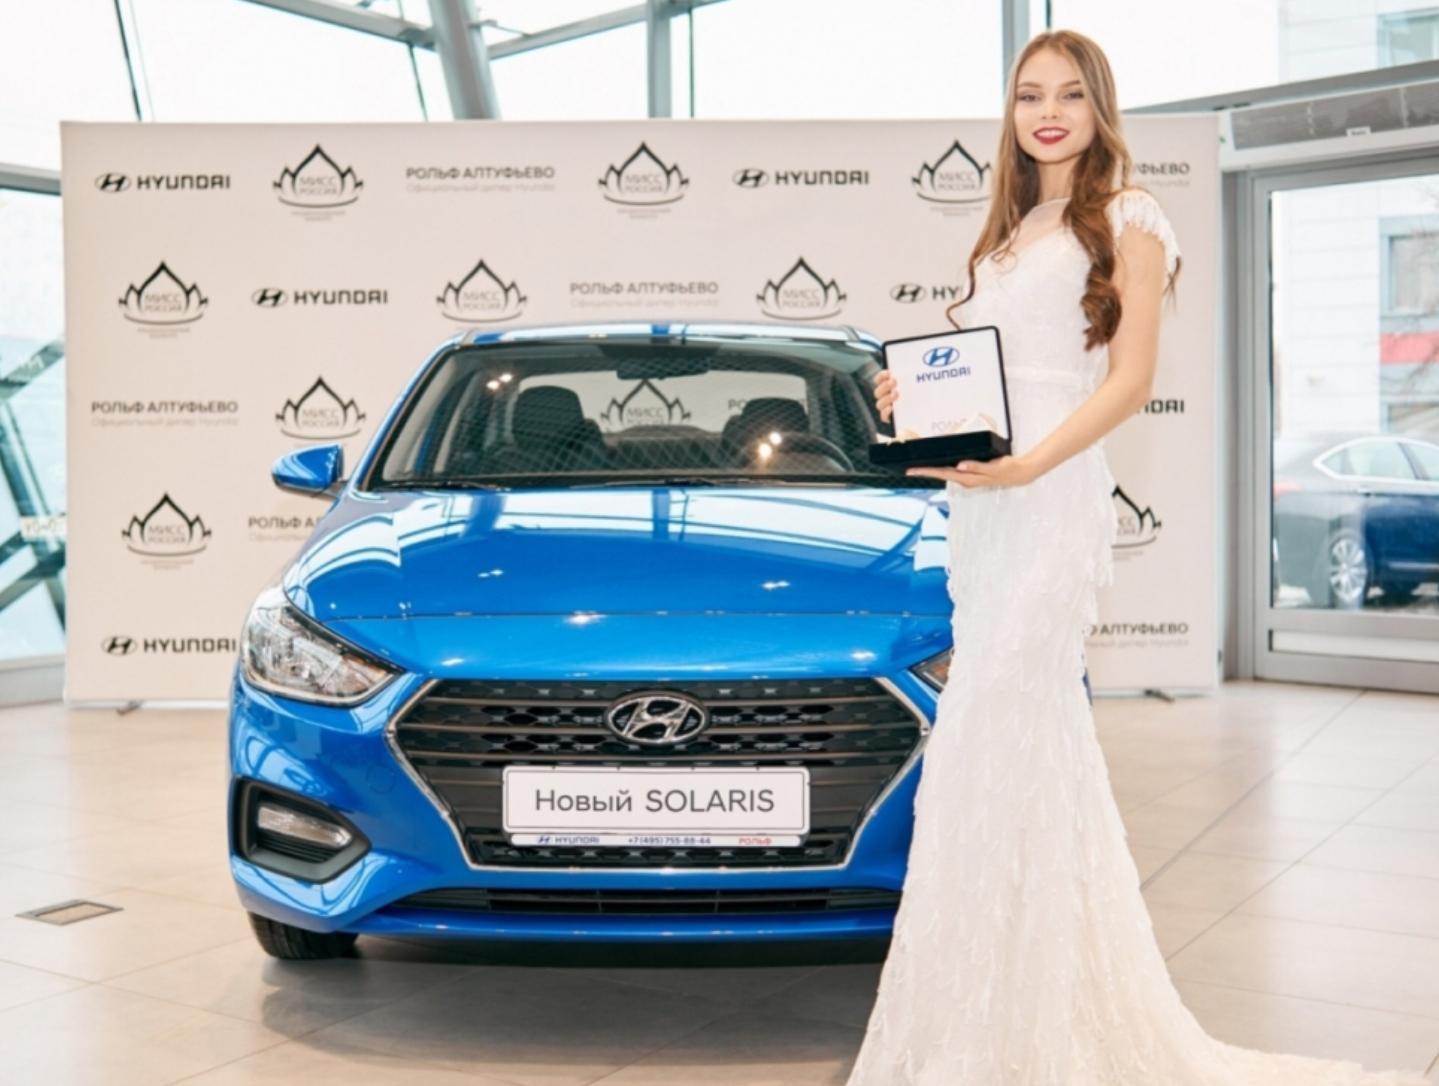 Мисс Россия 2018 получила ключи от Hyundai Solaris